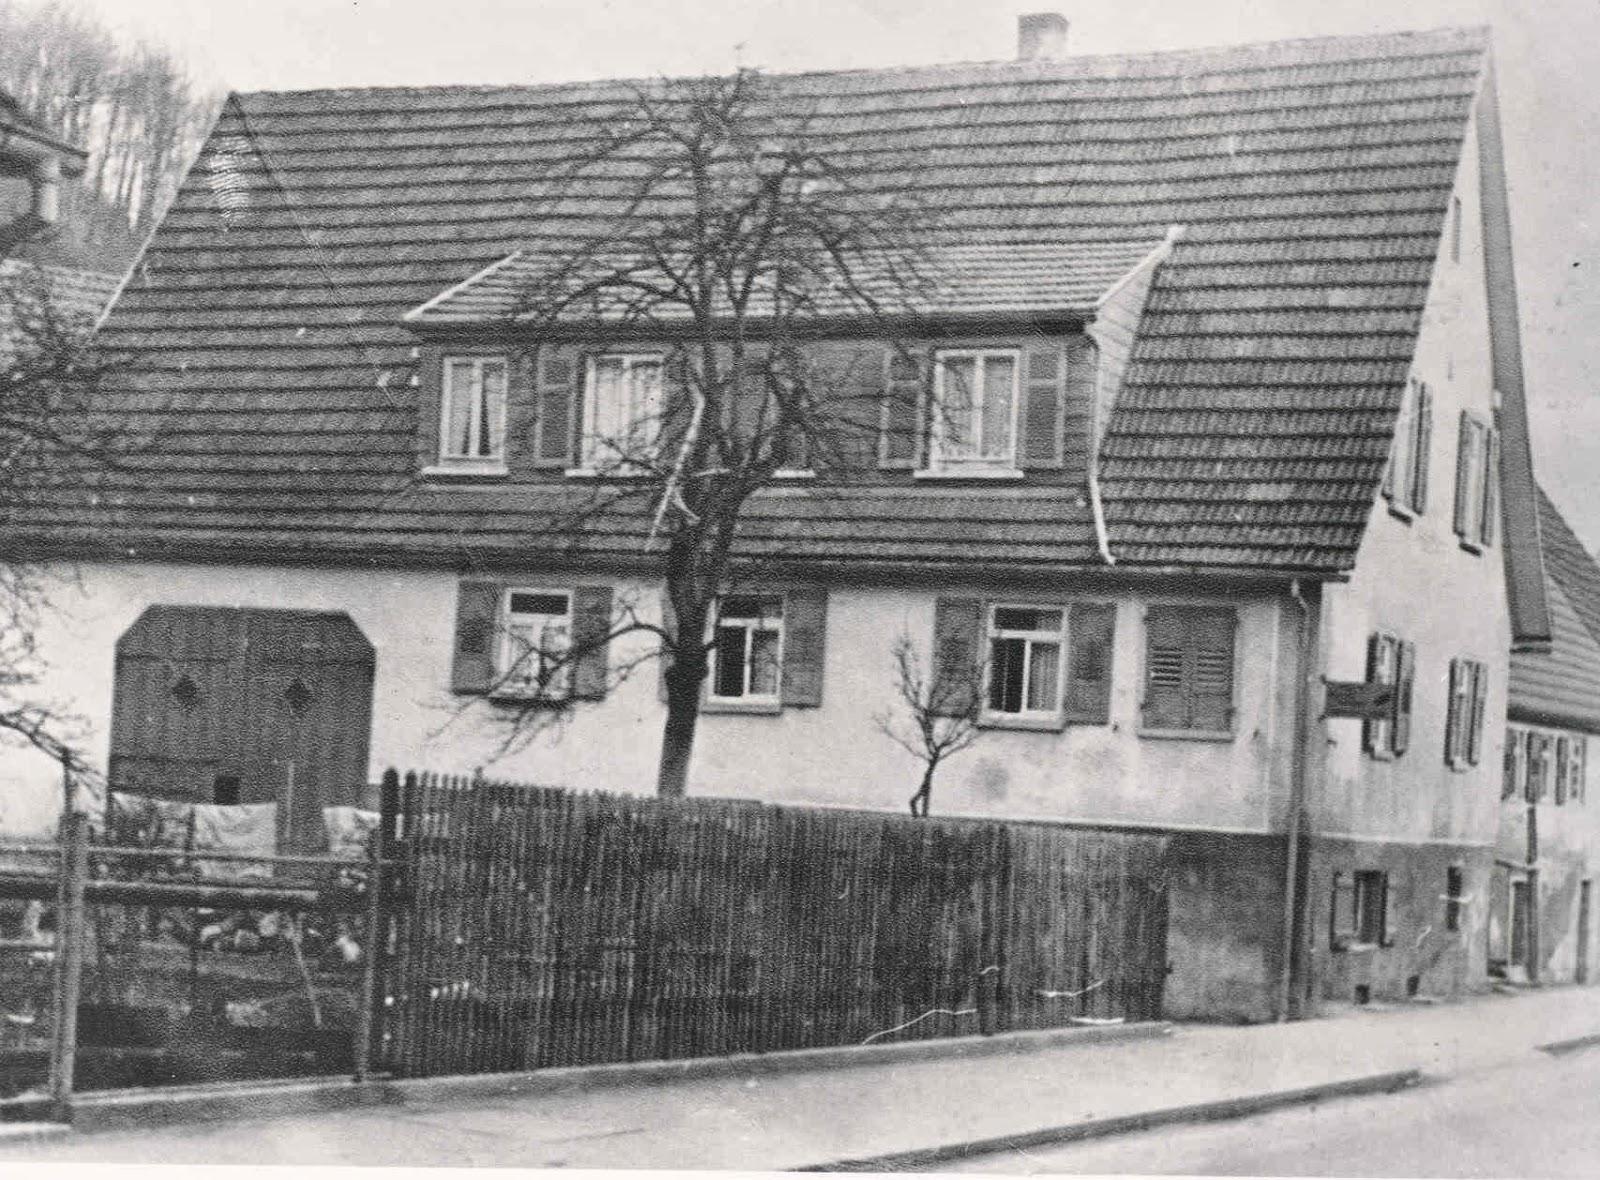 gv lichtenstein ehemaliges wohngeb ude heinrich reiff friedrich list stra e erbaut 1720. Black Bedroom Furniture Sets. Home Design Ideas